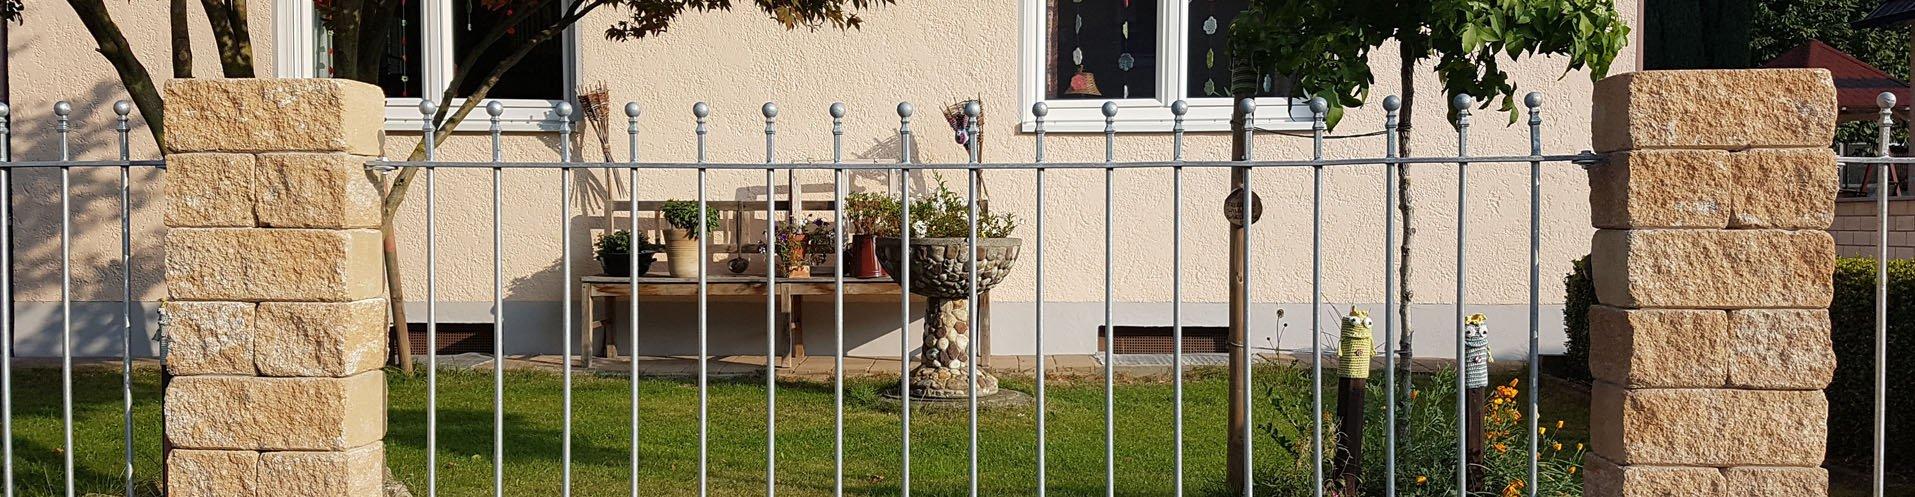 Zaunfelder aus Metall